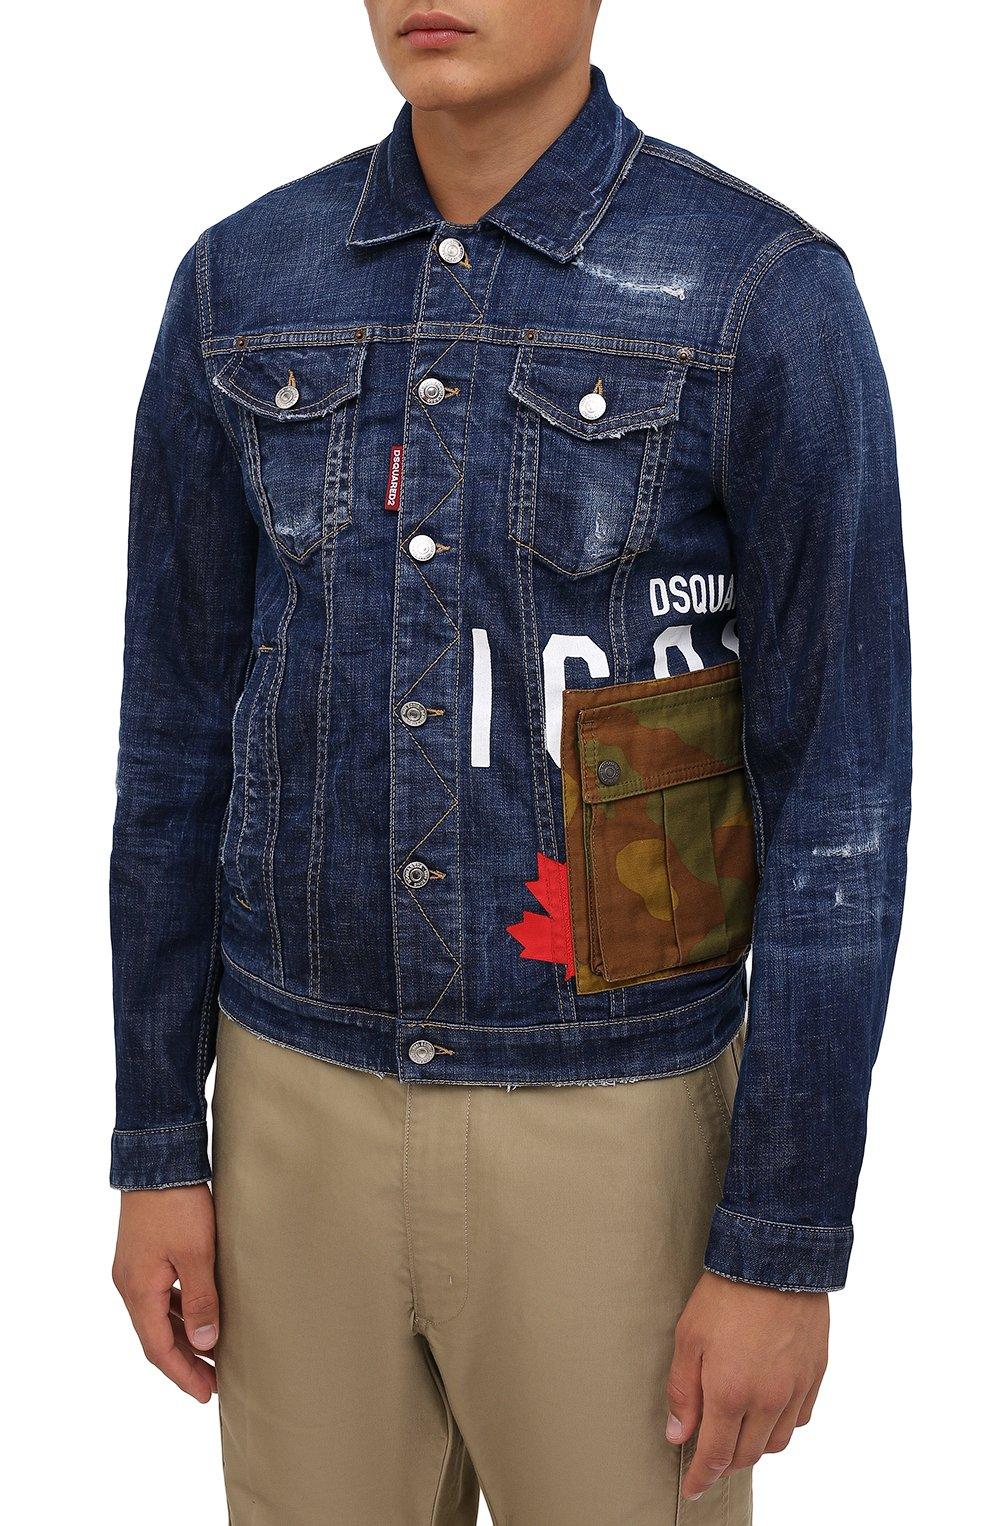 Мужская джинсовая куртка DSQUARED2 синего цвета, арт. S79AM0024/S30342   Фото 3 (Кросс-КТ: Куртка, Деним; Рукава: Длинные; Стили: Гранж; Материал внешний: Хлопок; Длина (верхняя одежда): Короткие)